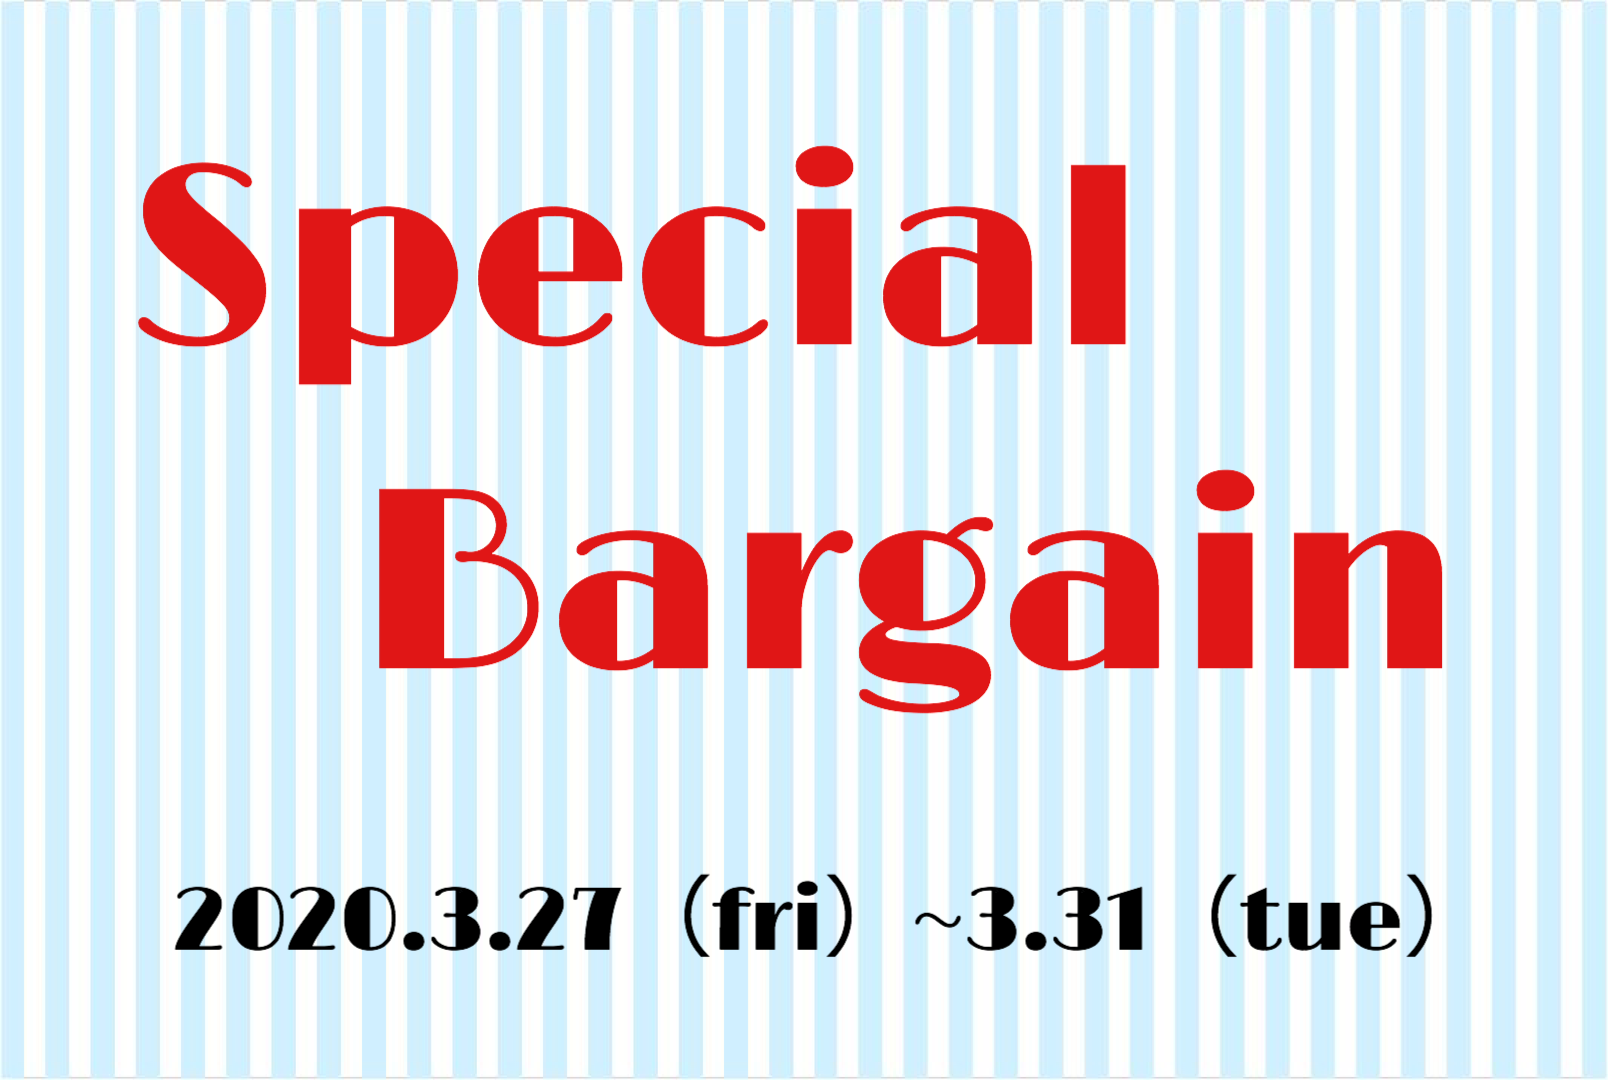 2020/03/27-31 3店舗同時開催「スペシャルバーゲン」